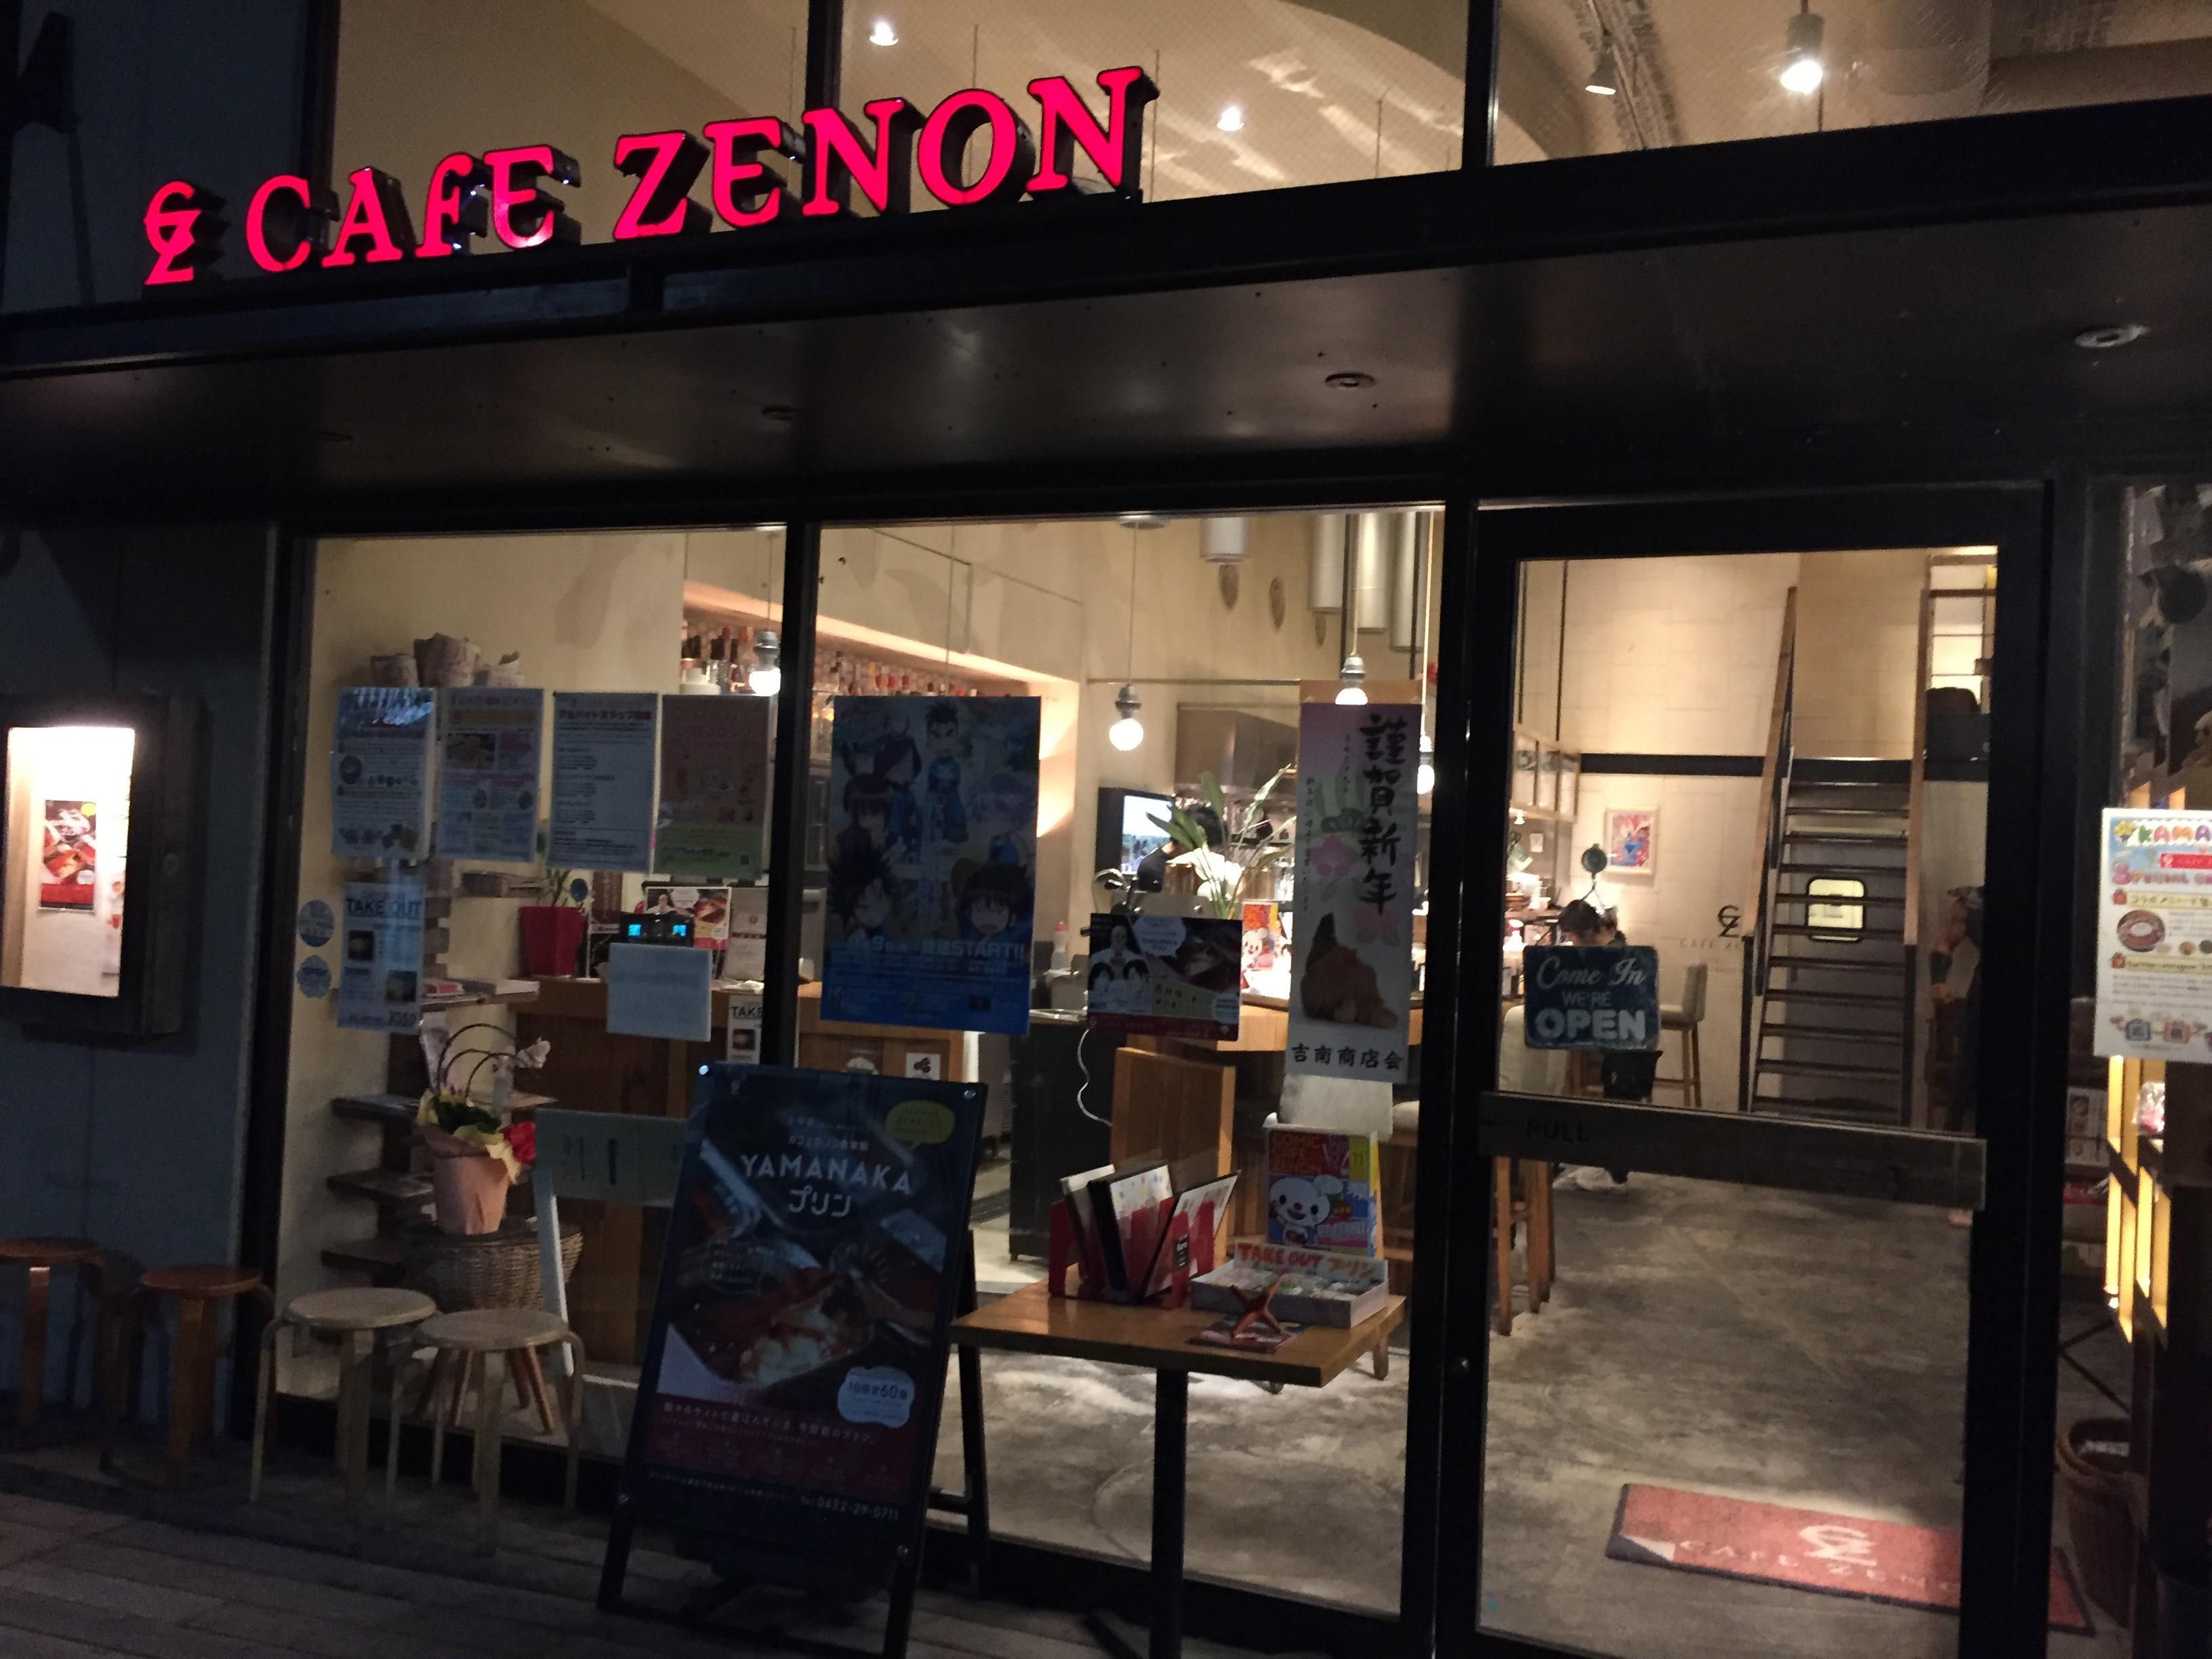 吉祥寺 電源カフェ CAFE ZENON (カフェゼノン)